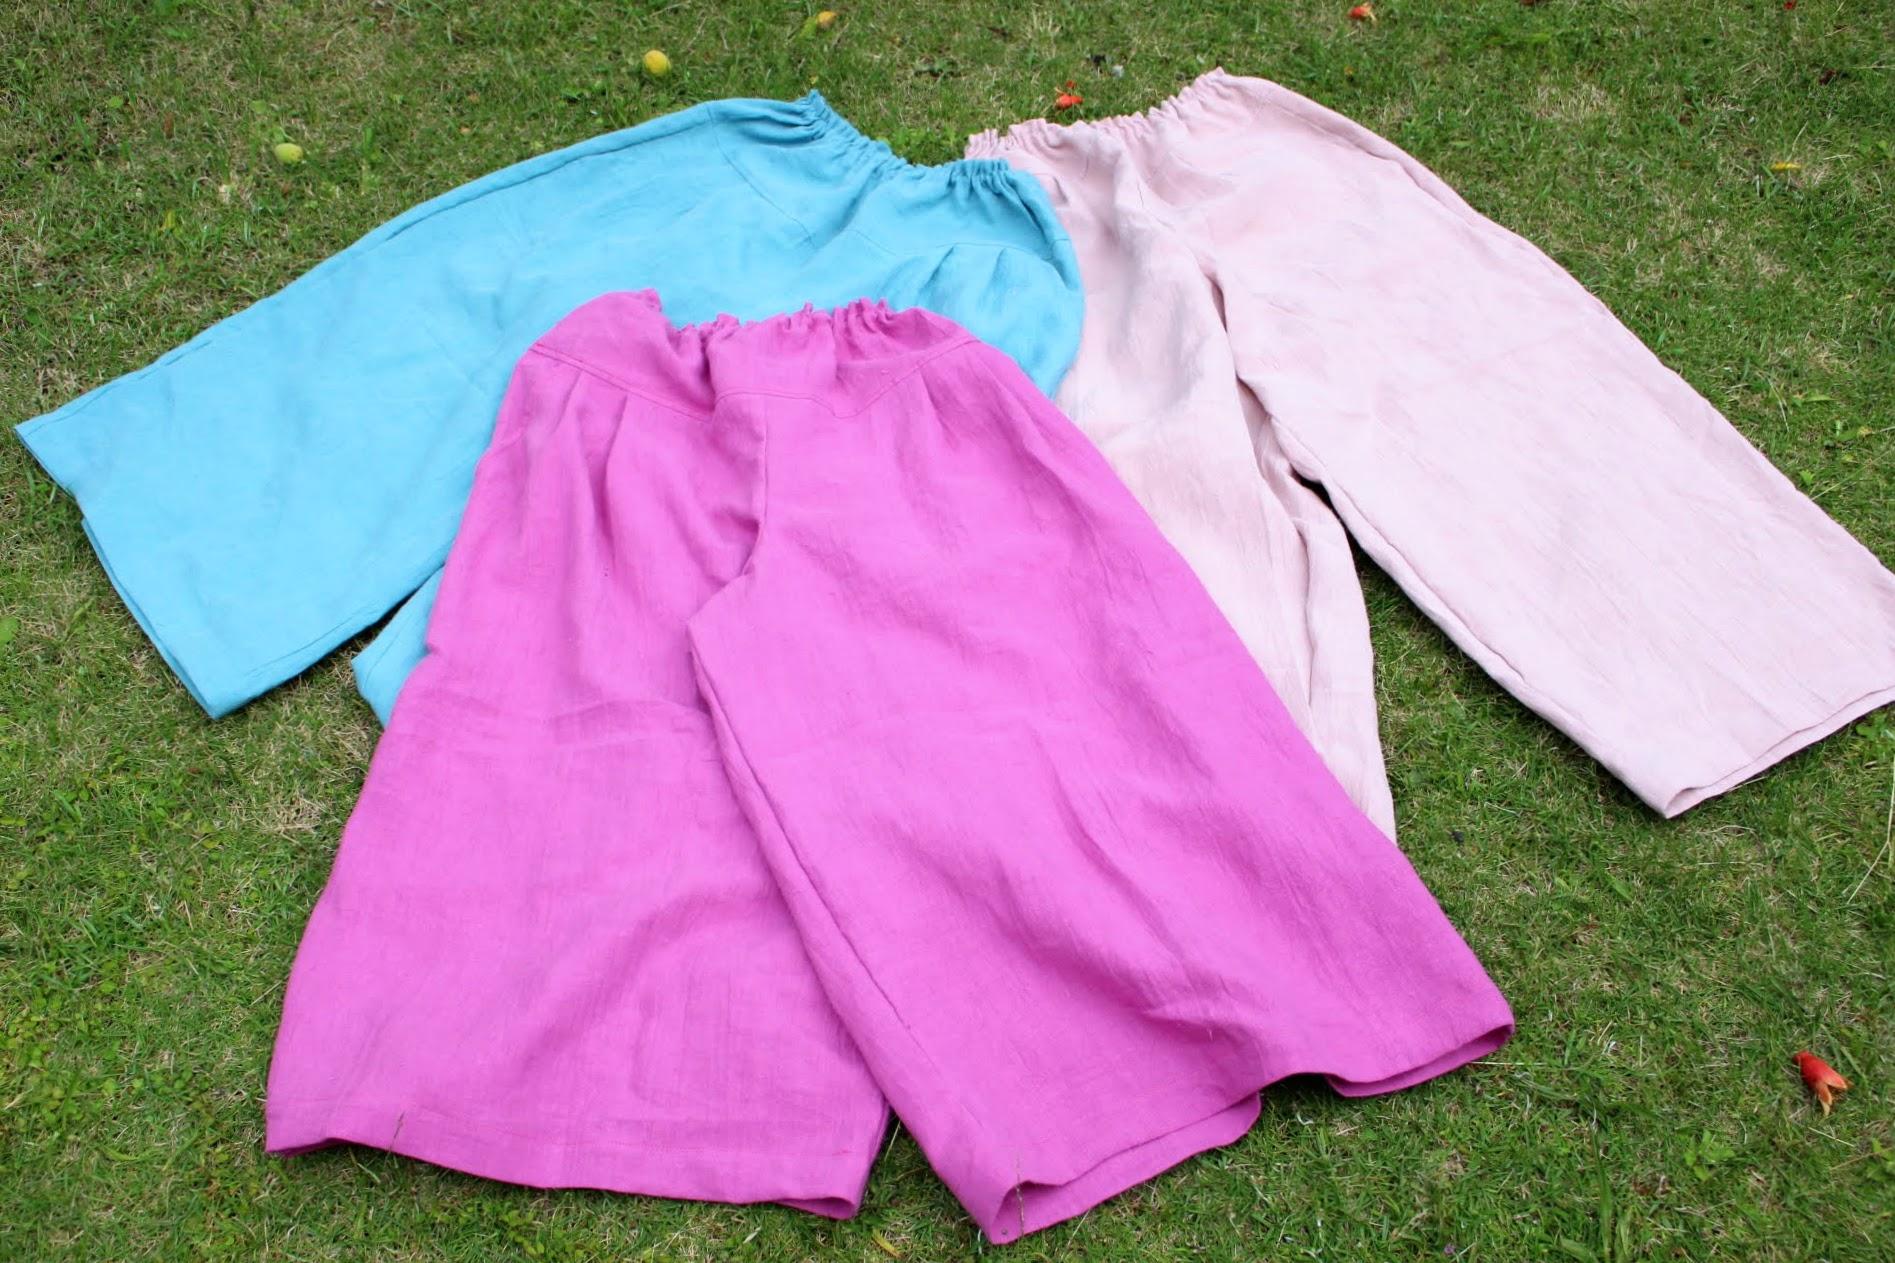 2種類のピンク色もターコイズブルーもこれからの季節にぴったり。